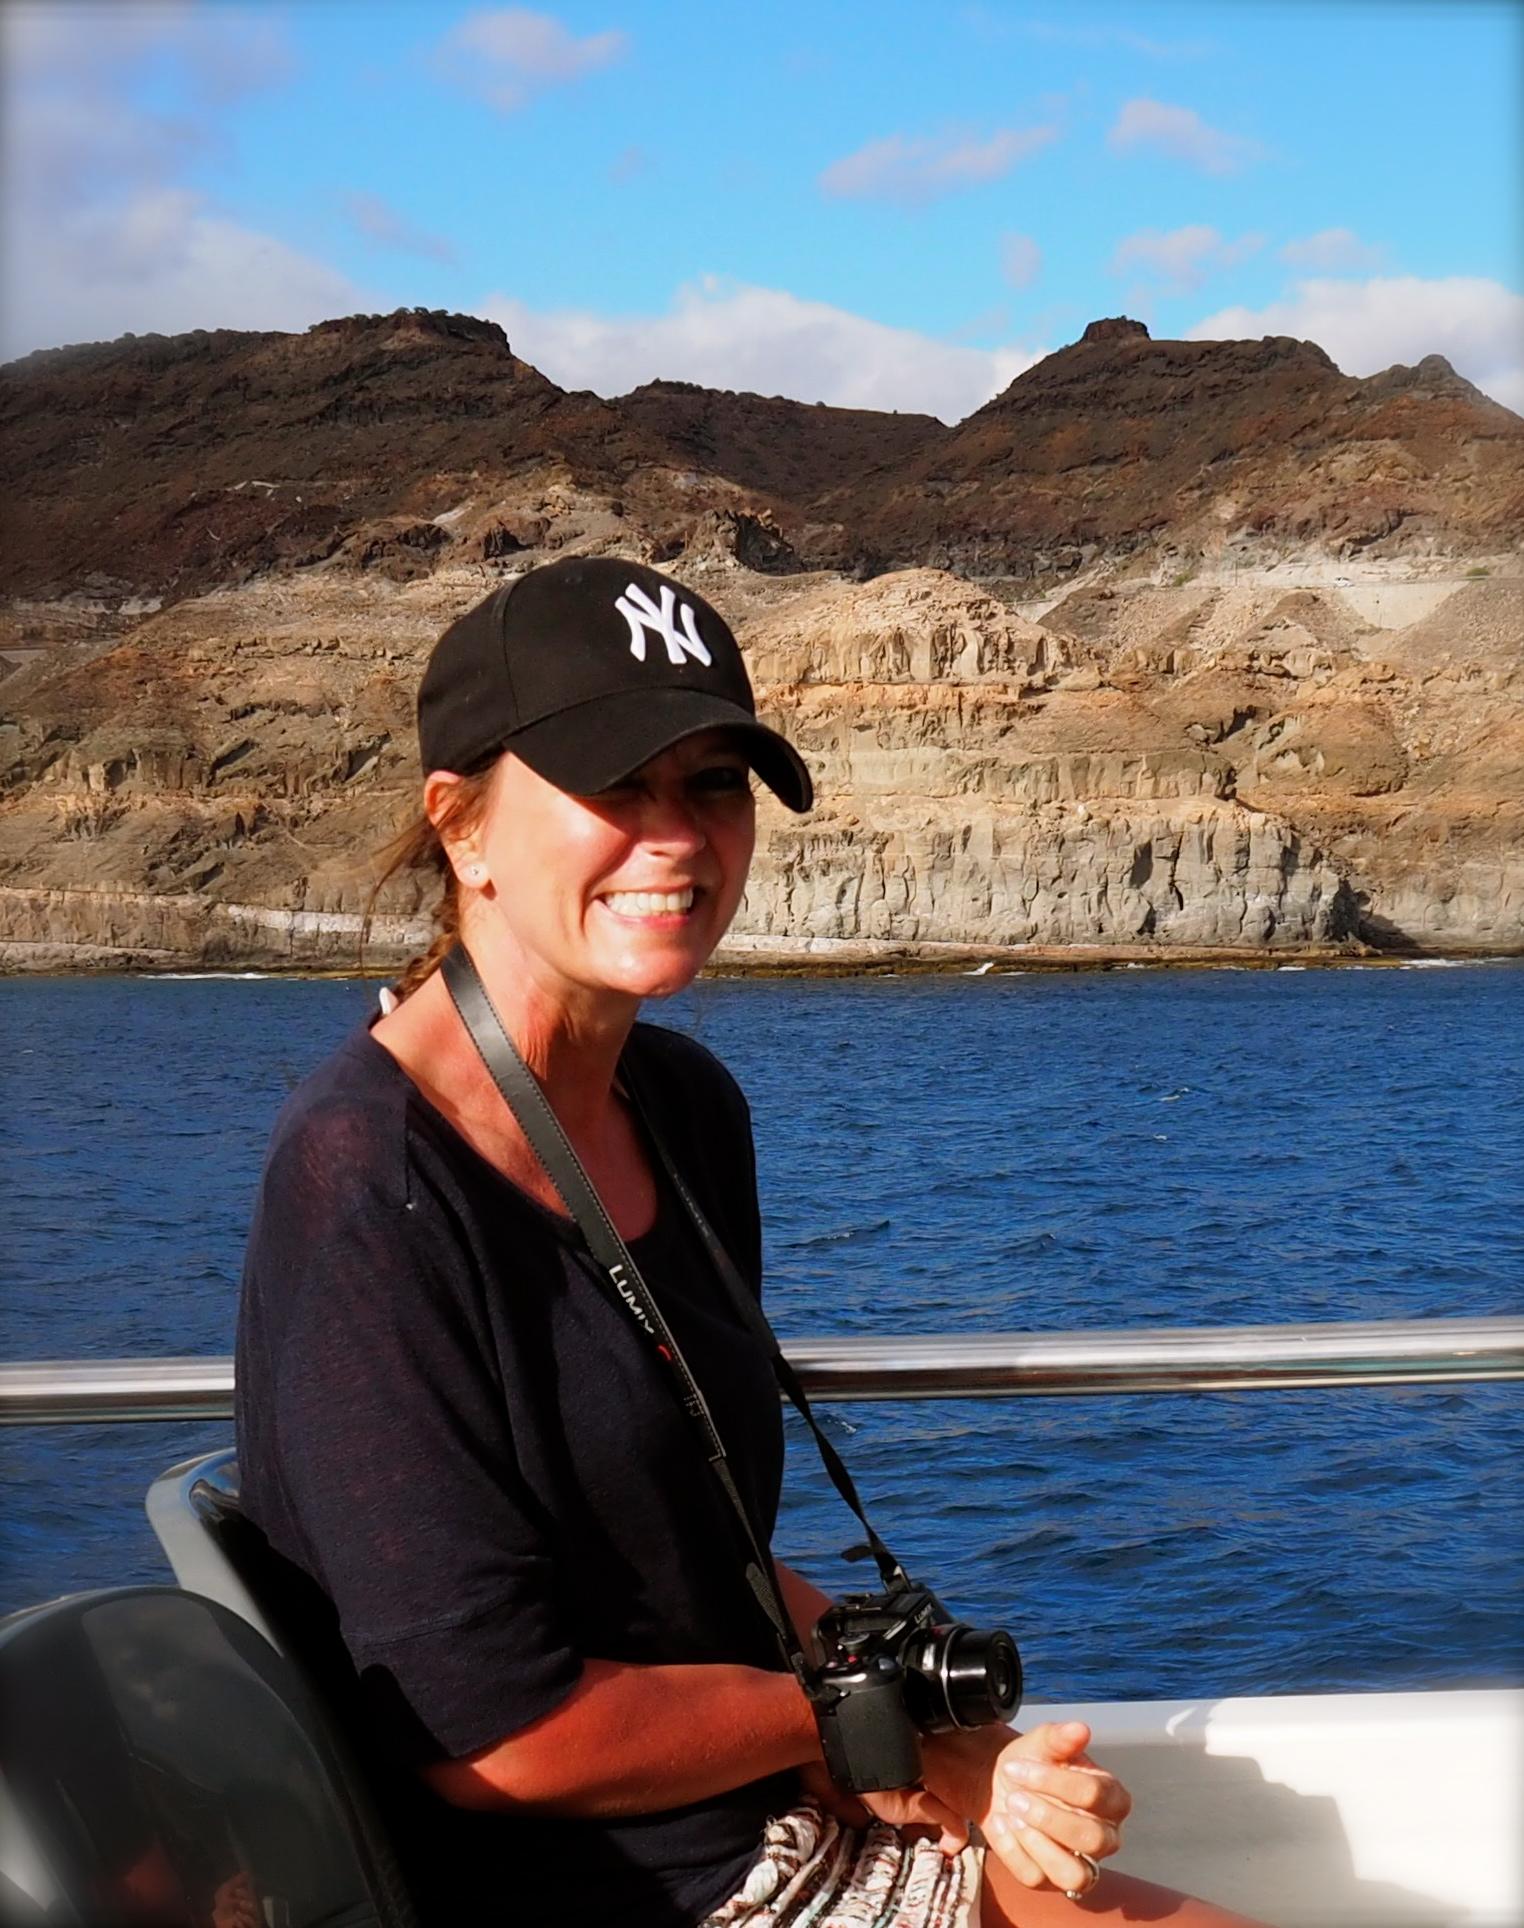 Skrekkblandet fryd! I 2015 tok også Bente og jeg den halvtimes turen det tar mellom Mogan, som vi kom ifra, til Puerto Rico. Det er min første båttur, musklene på min høyre side skjelver av angst da jeg skal gå ombord på den smale gangbroa, men det det gikk!